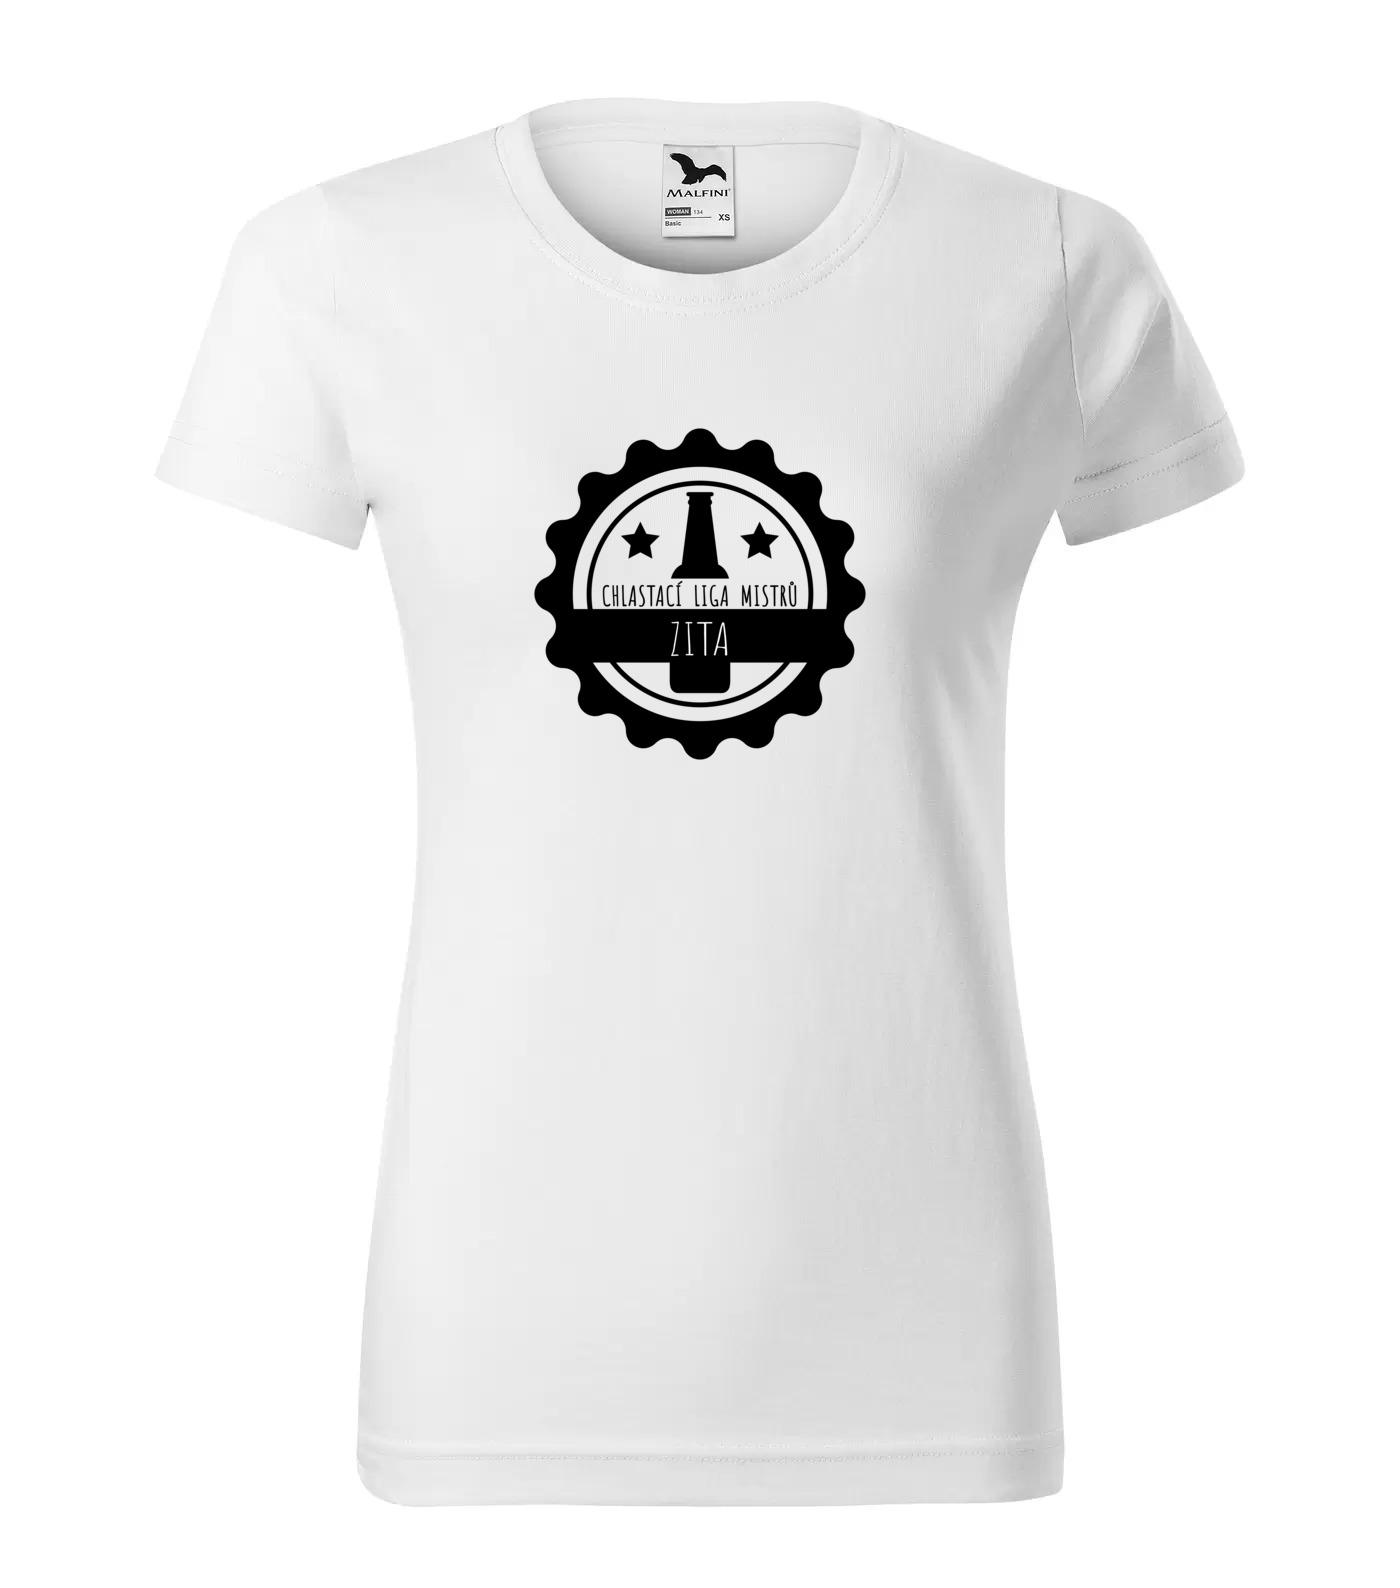 Tričko Chlastací liga žen Zita